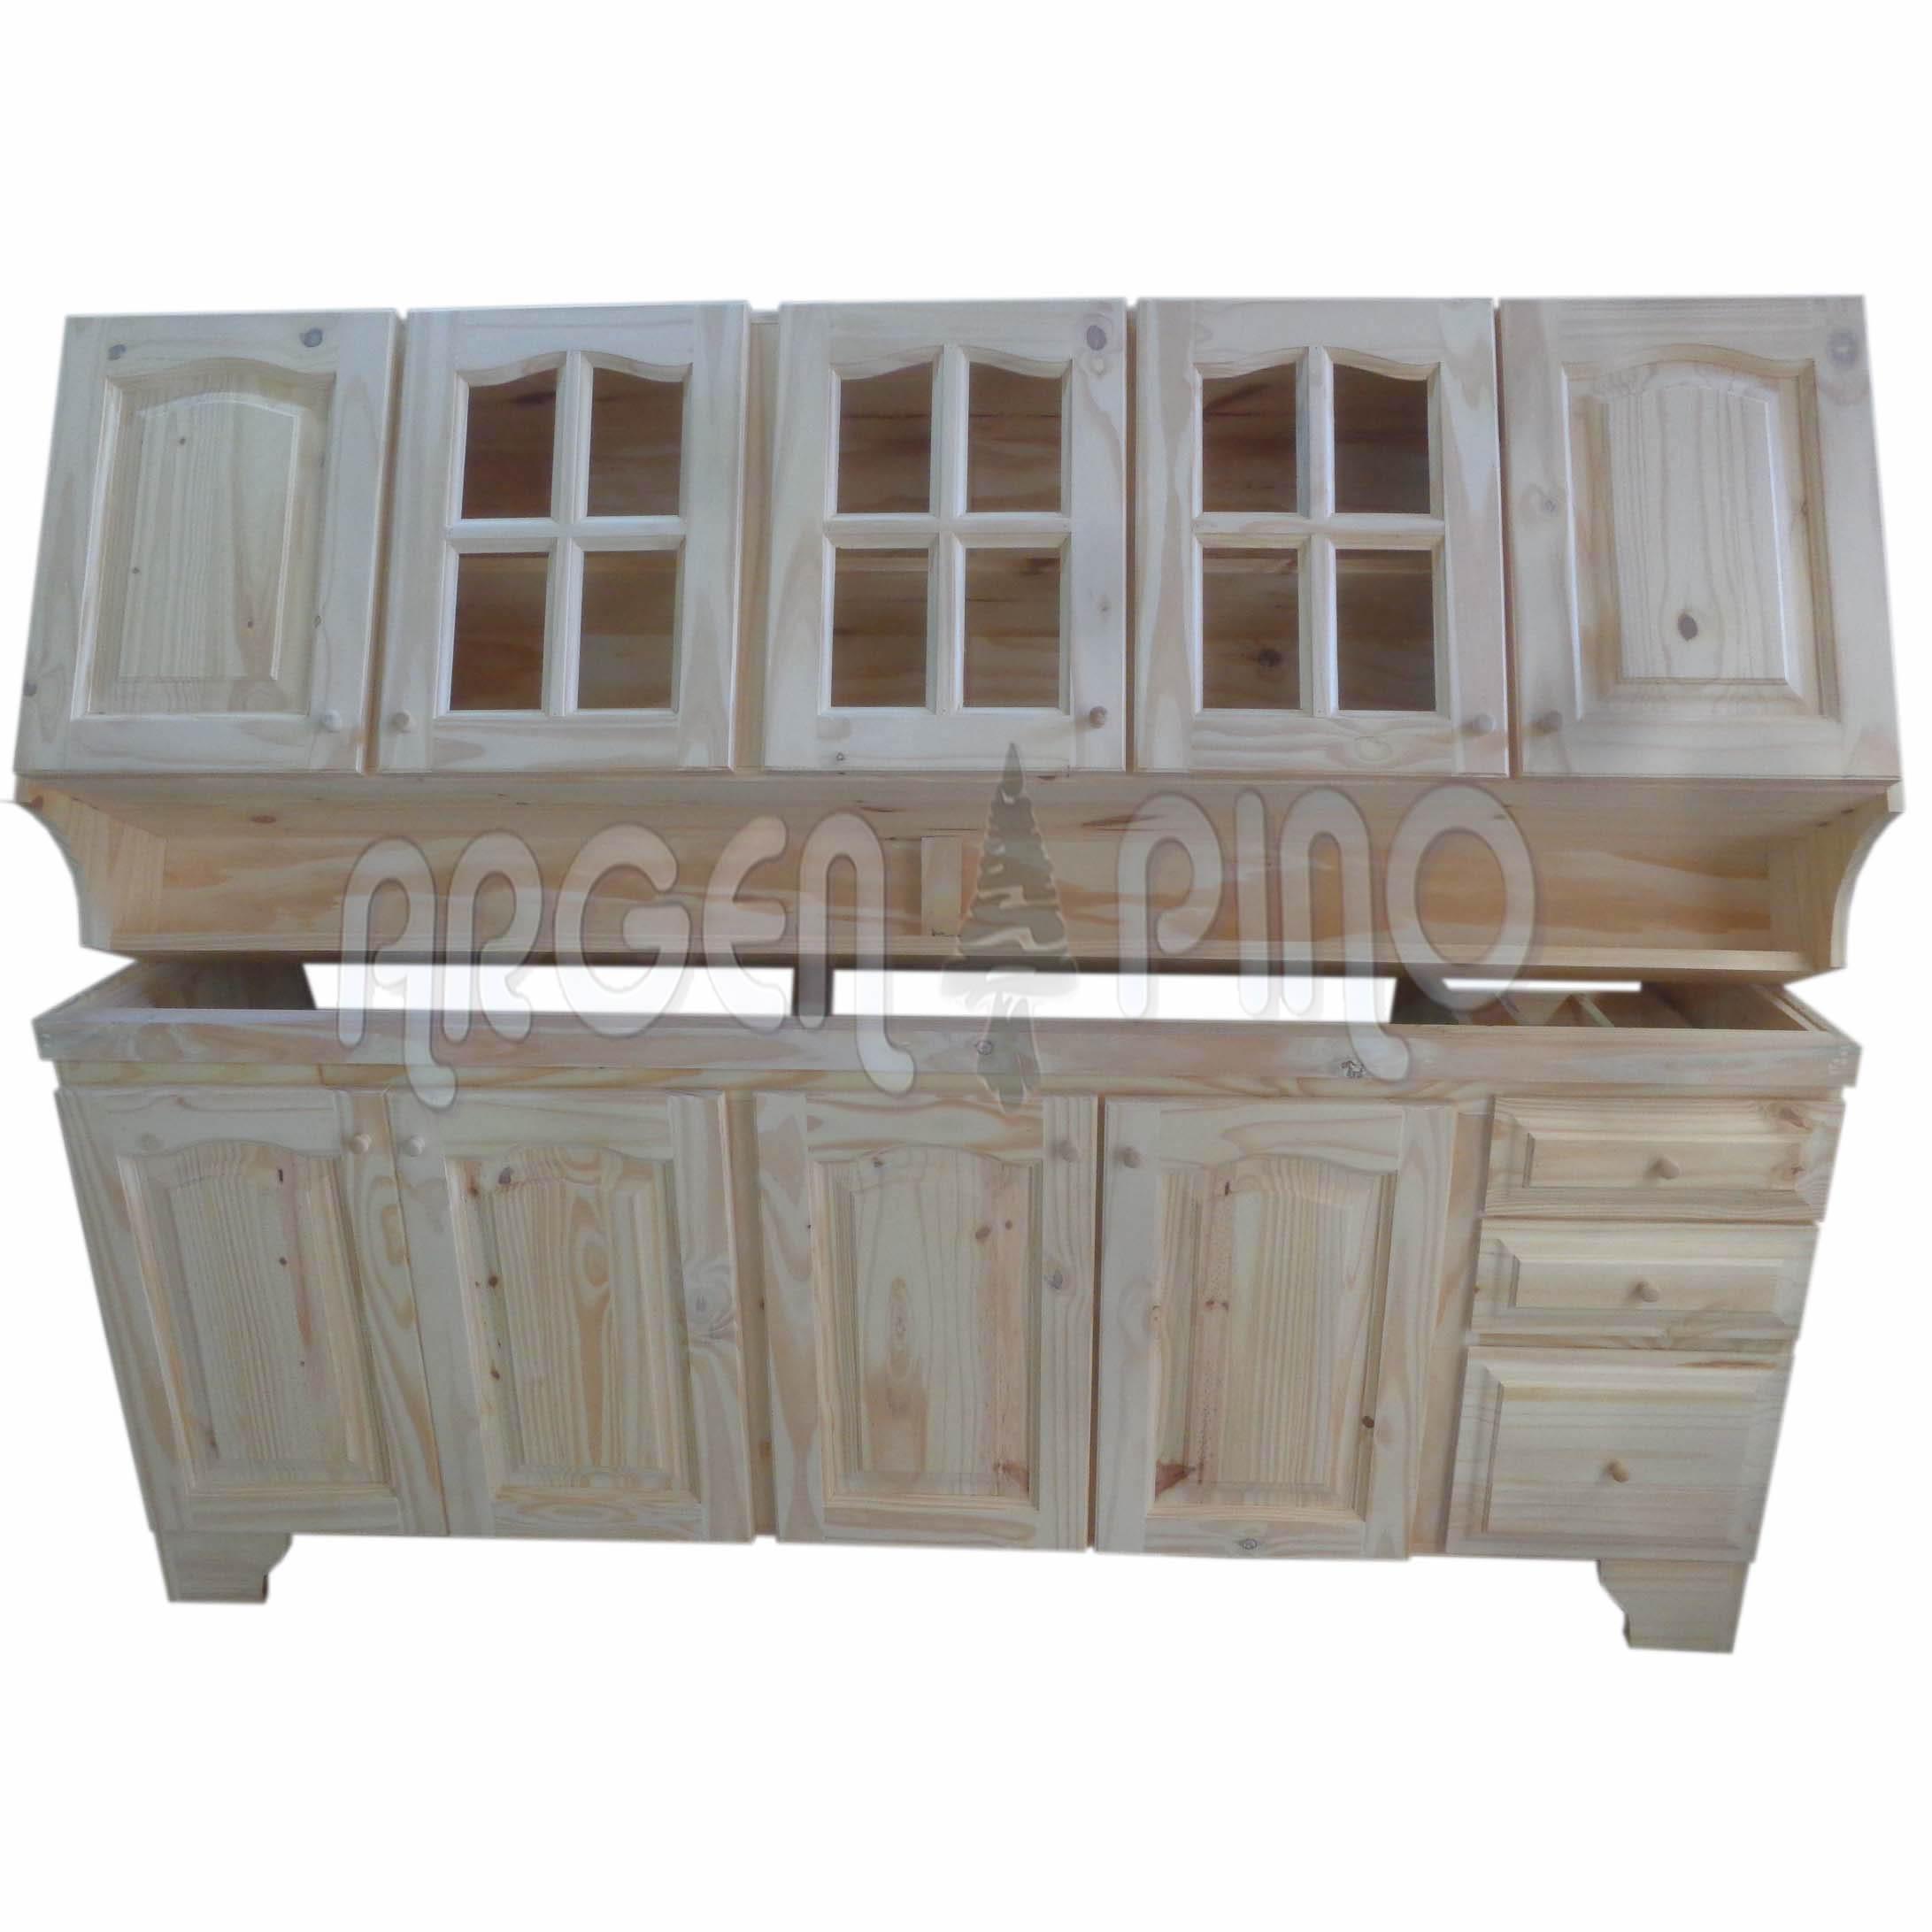 Vistoso muebles de pino barato modelo muebles para ideas for Muebles pino baratos